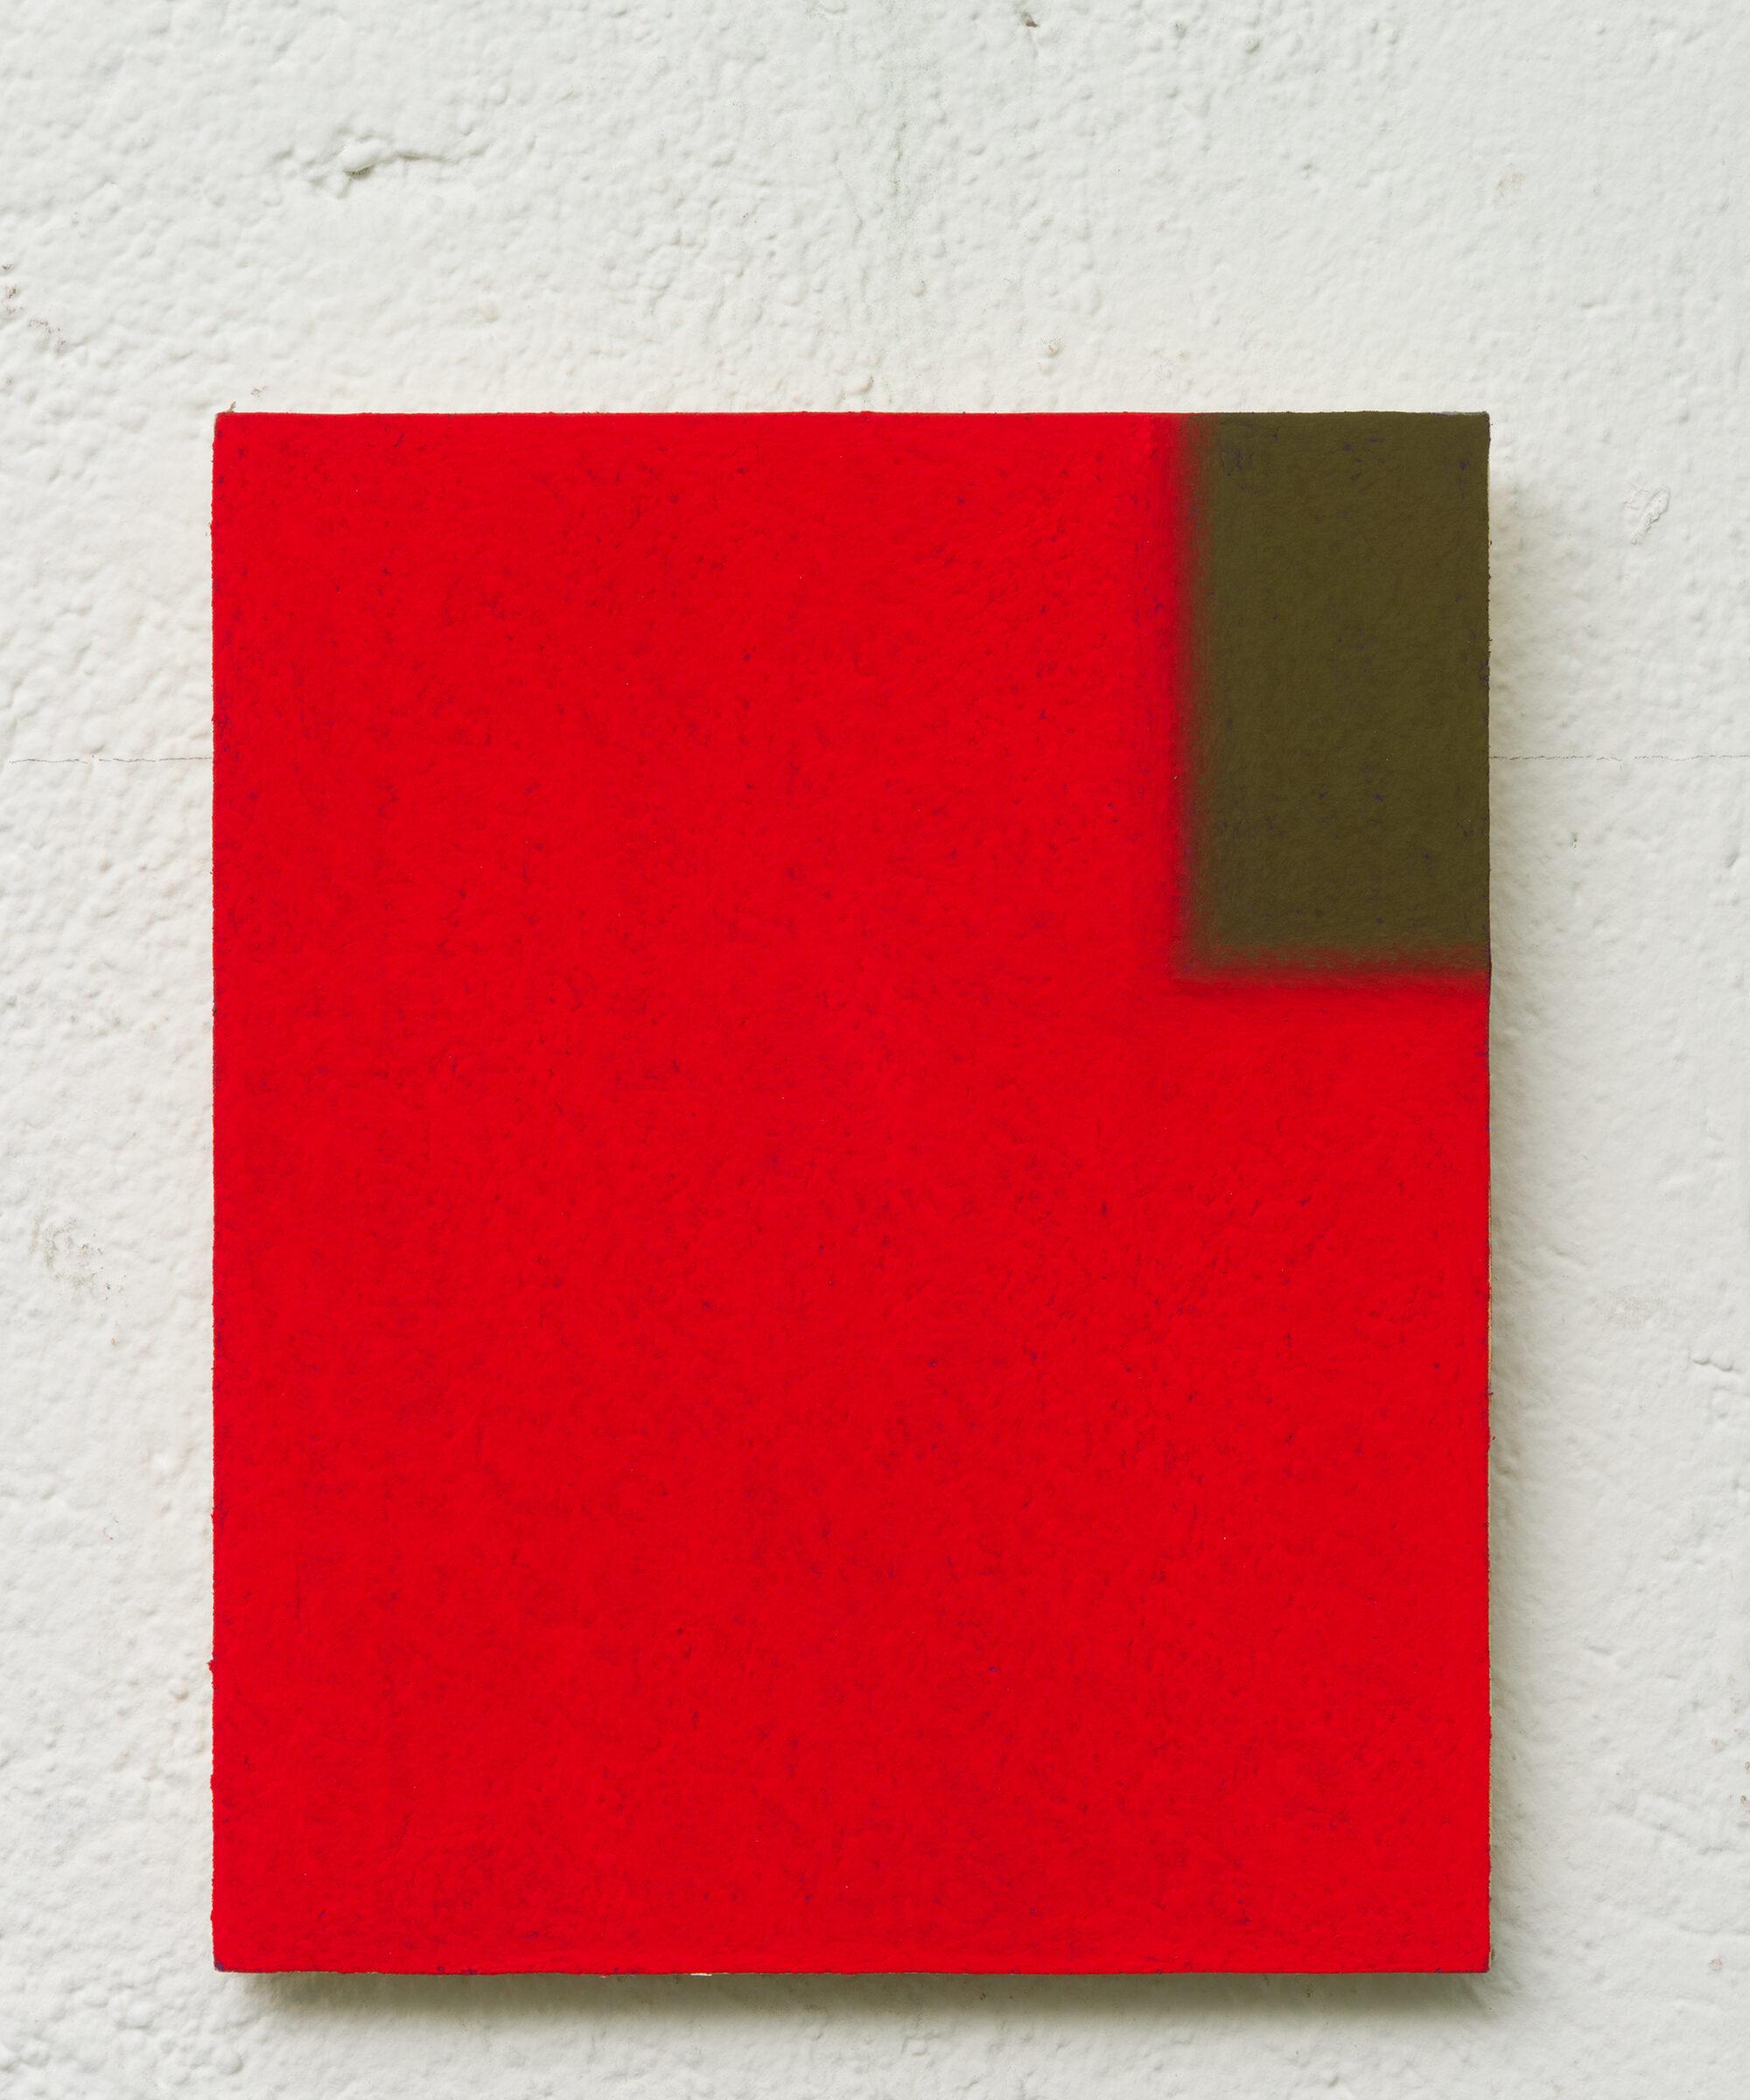 6. LM, untitled, 15x21cm, pastello morbido su carta abrasiva applicata su tavola, 2017